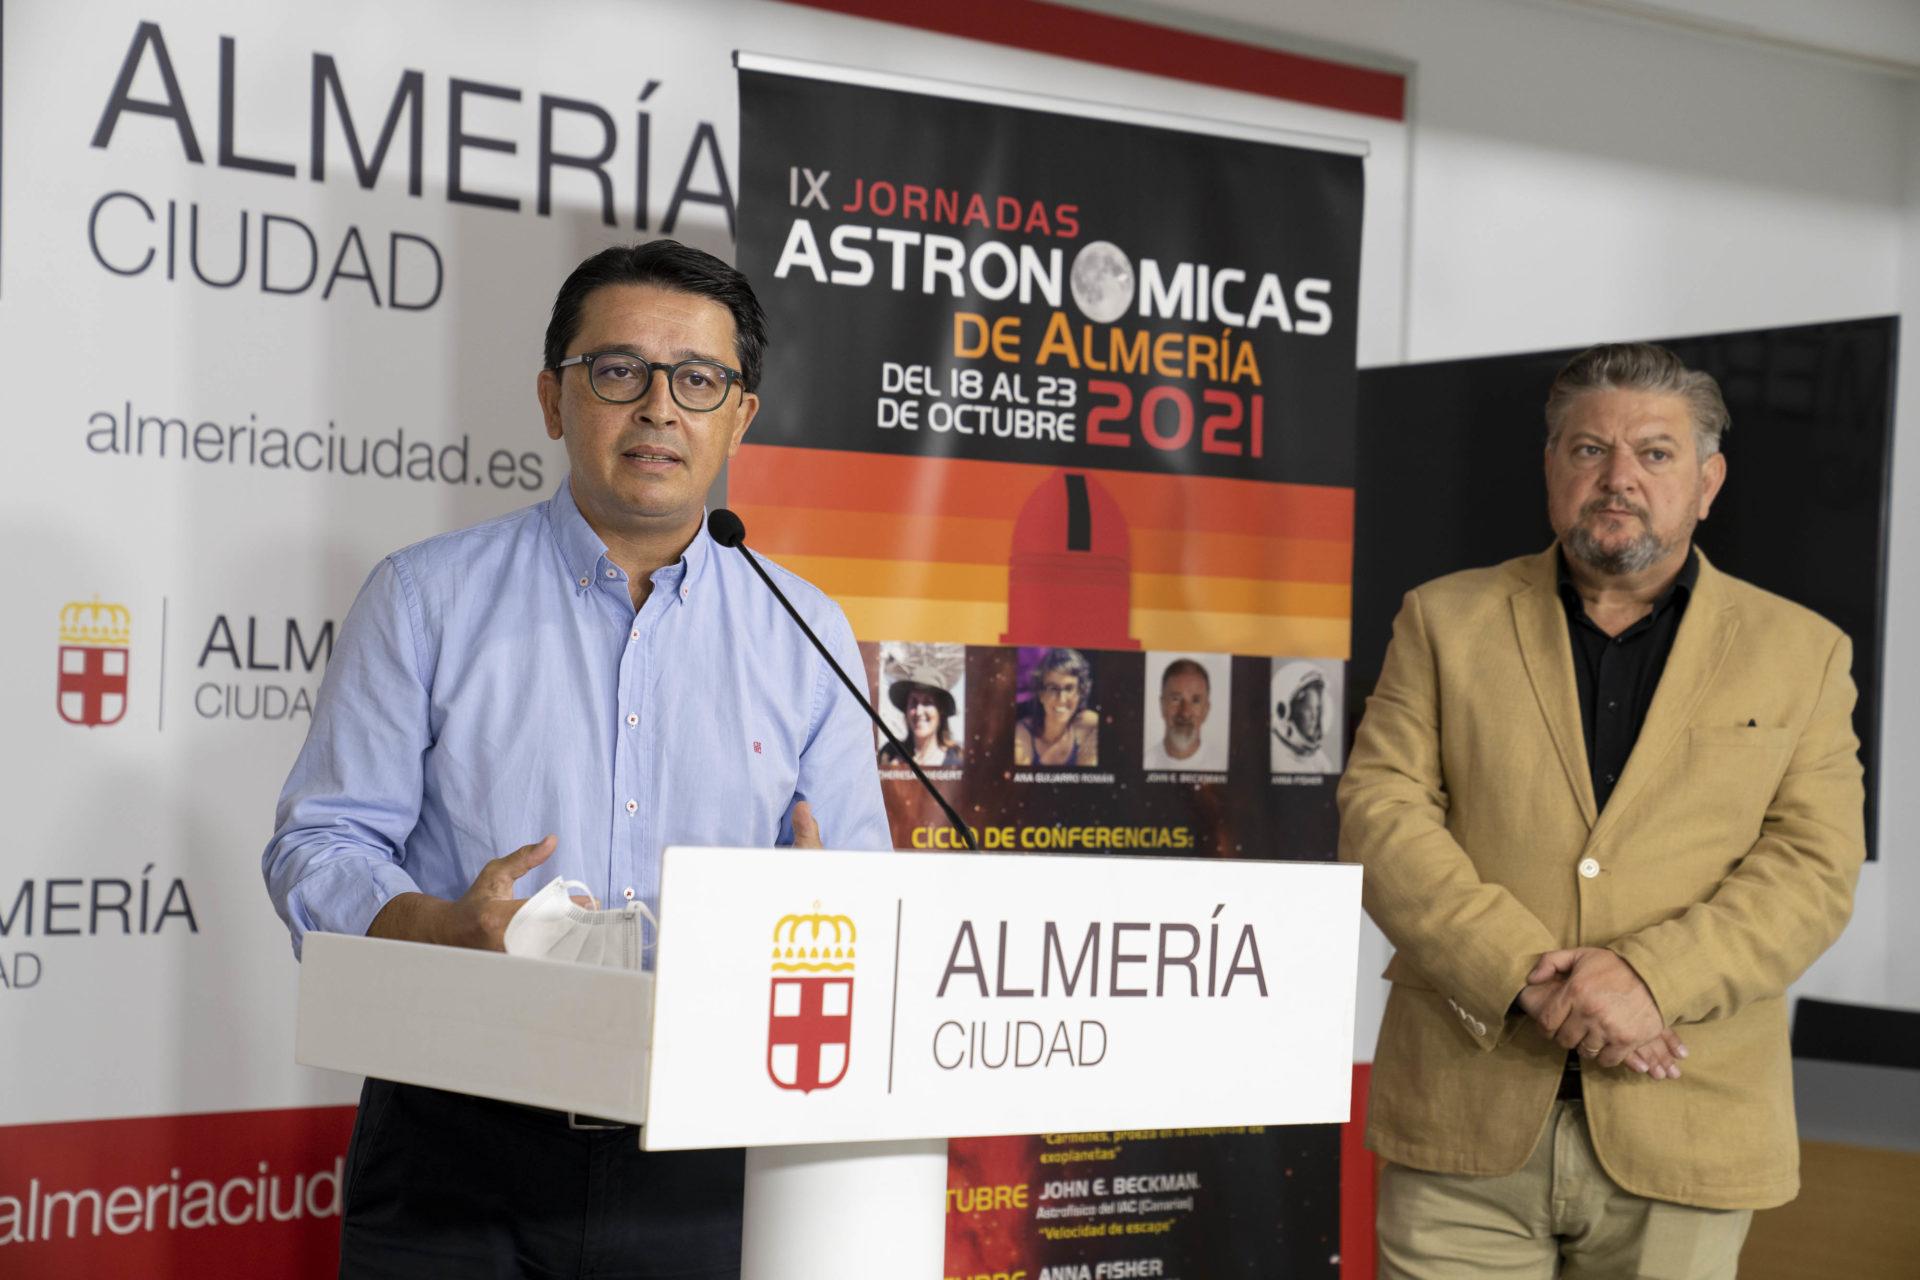 Almería volverá a ser centro del conocimiento del cosmos y la astrofísica del 18 al 23 de octubre con las IX Jornadas Astronómicas